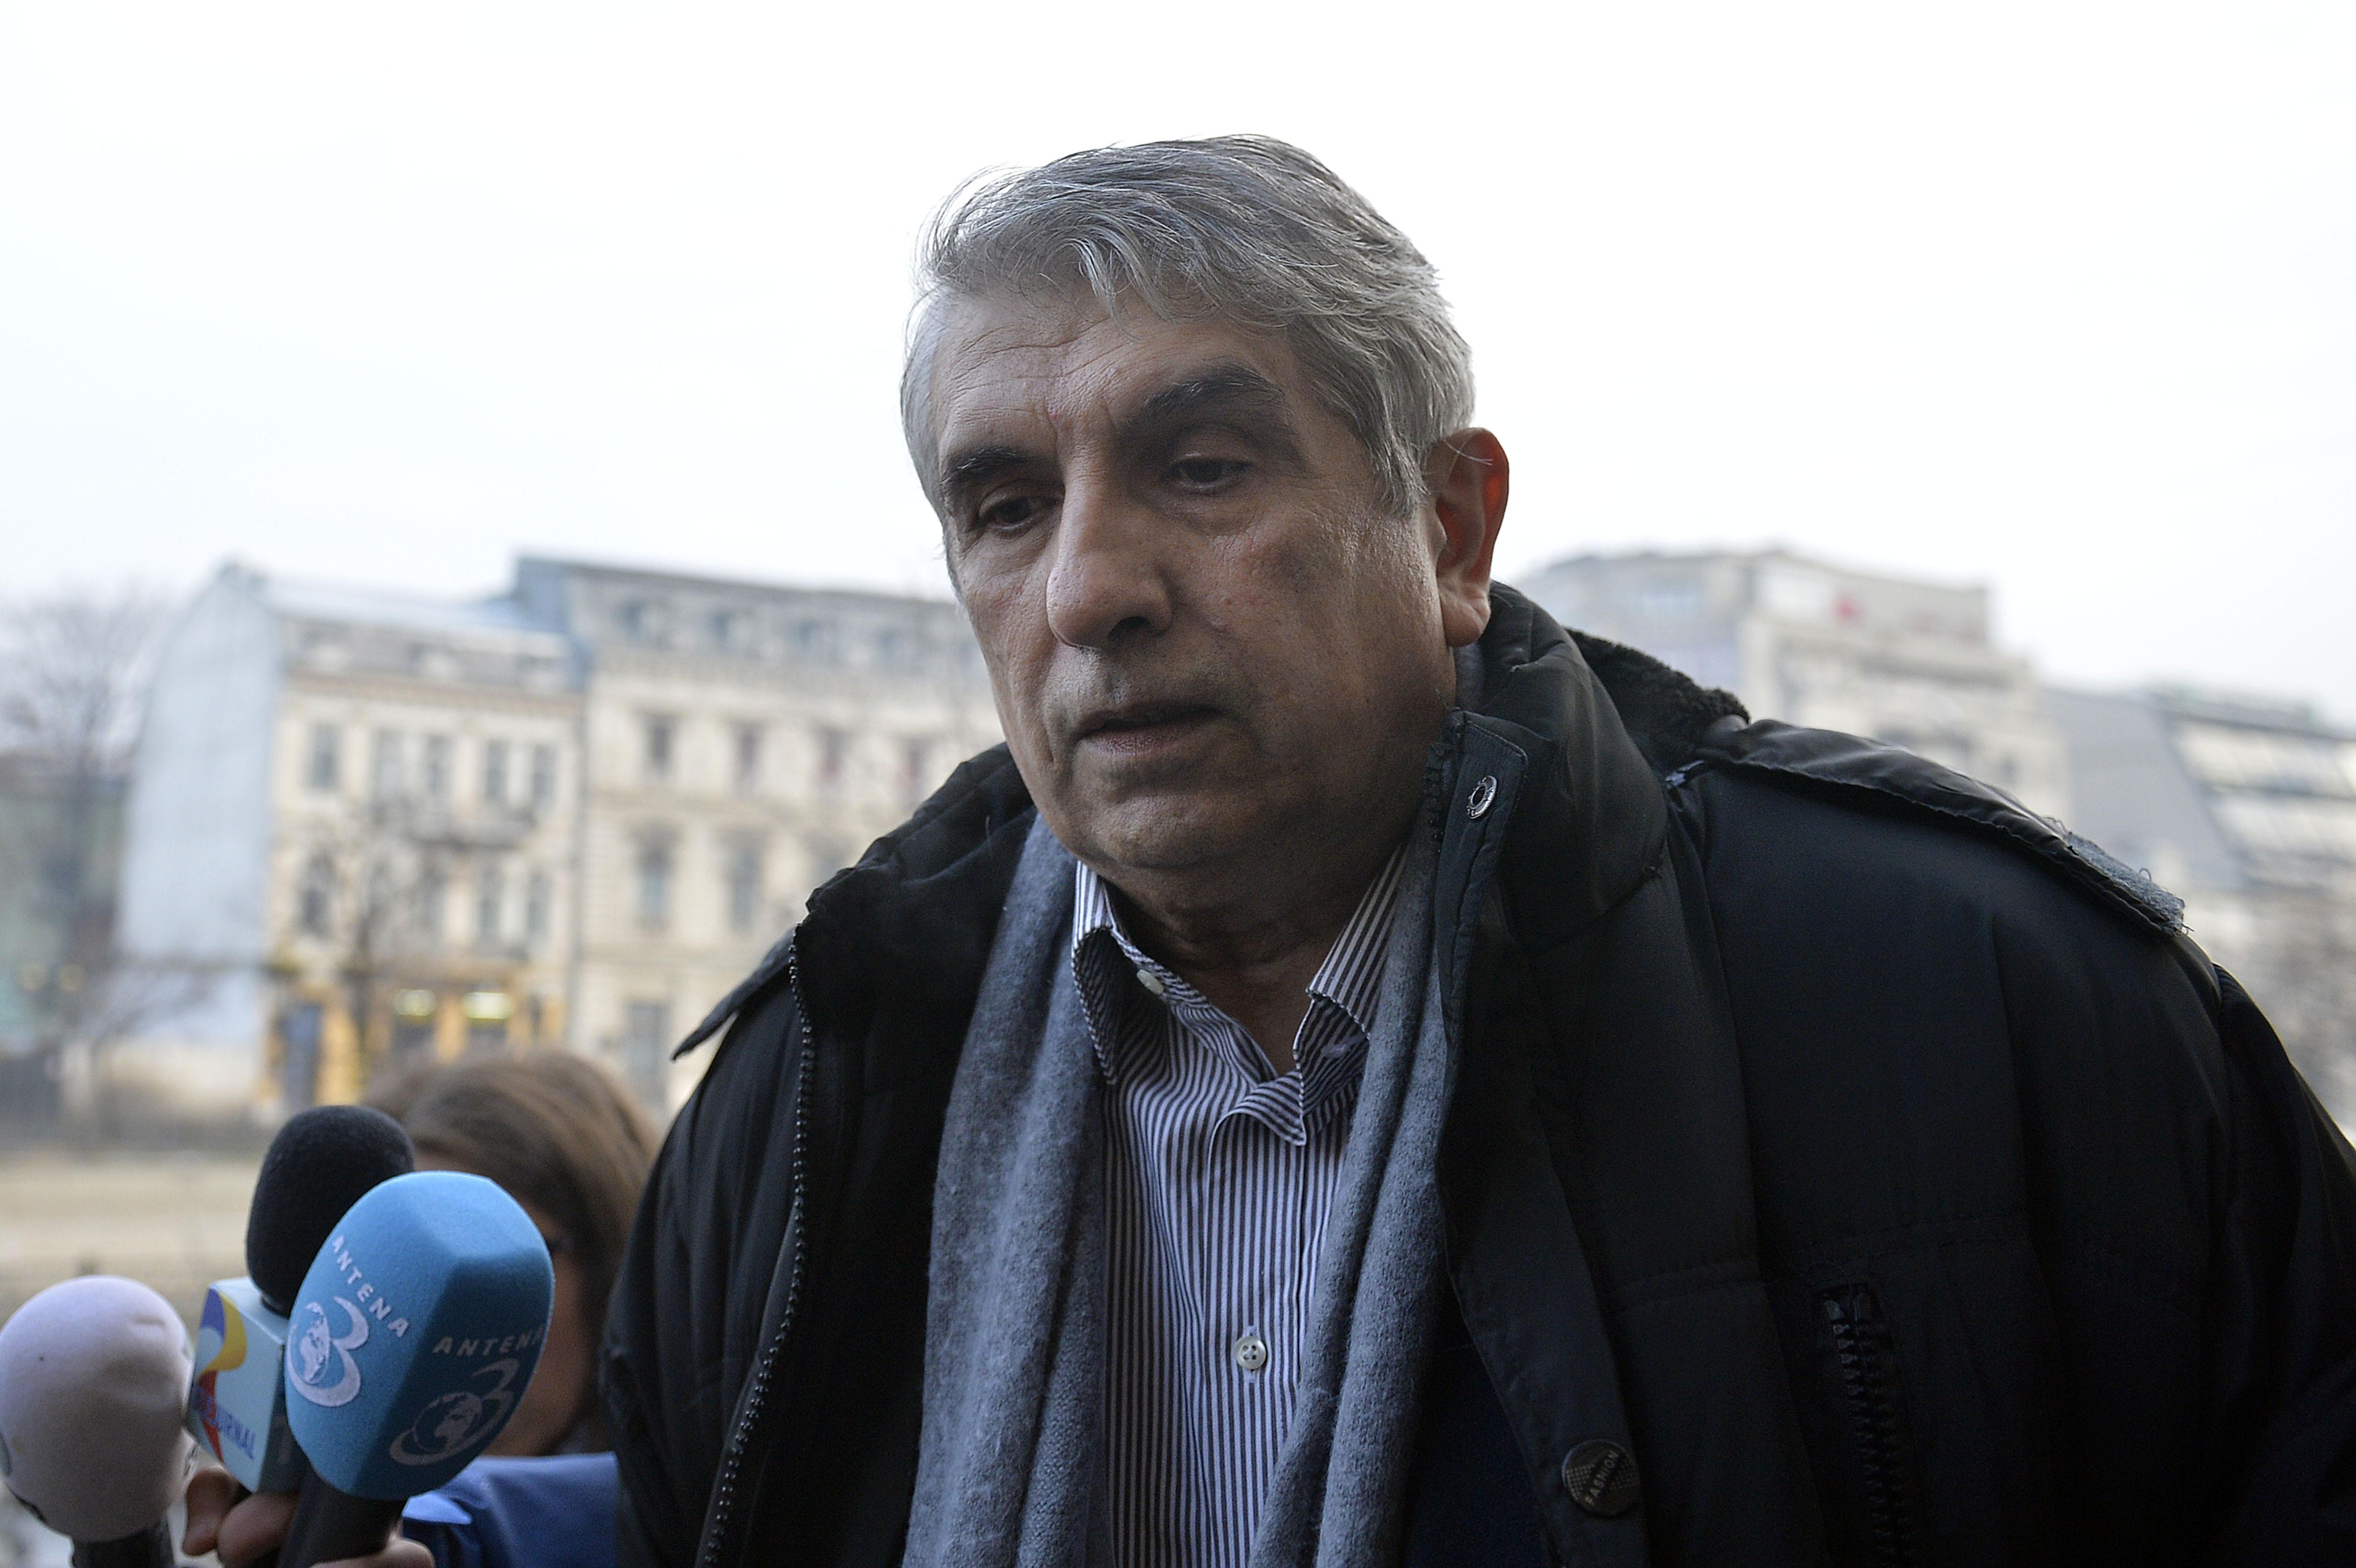 Rectorul Universităţii de Medicină `Carol Davila`: Medicul Gheorghe Burnei şi-a depus cererea de pensionare, pentru că a atins limita de vârstă